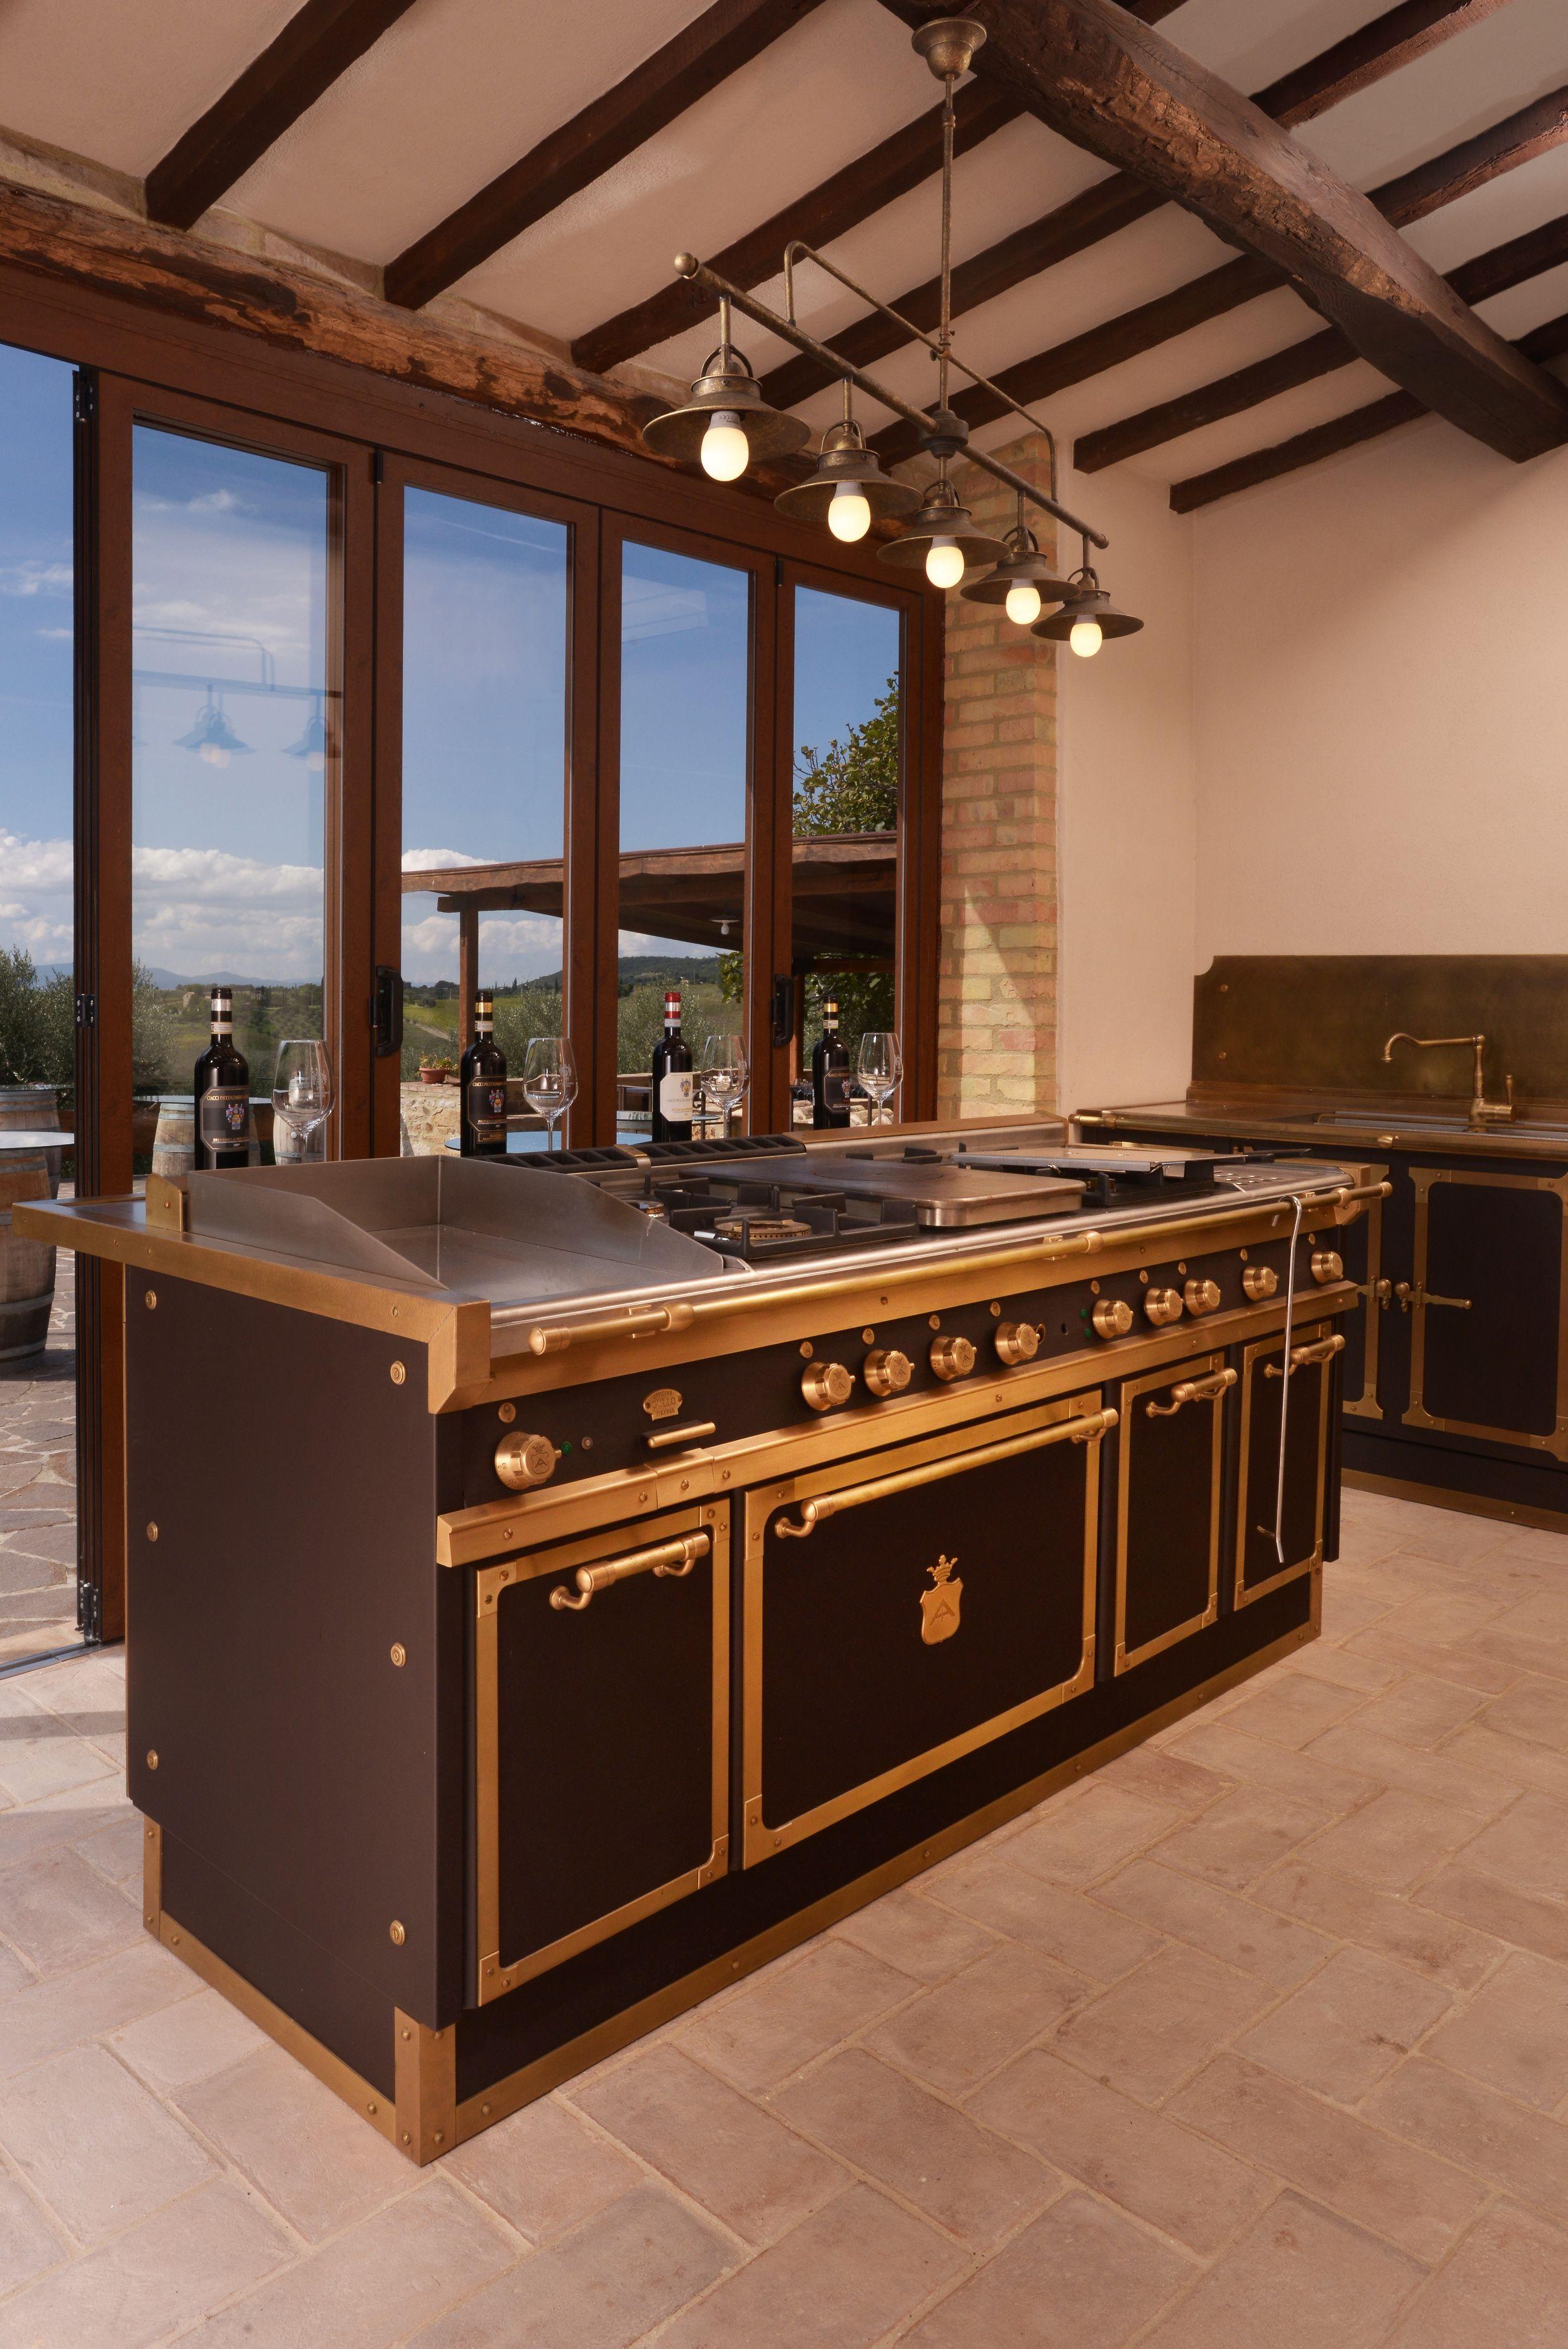 Cucine Gullo Prezzi - Design Per La Casa Moderna - Ltay.net